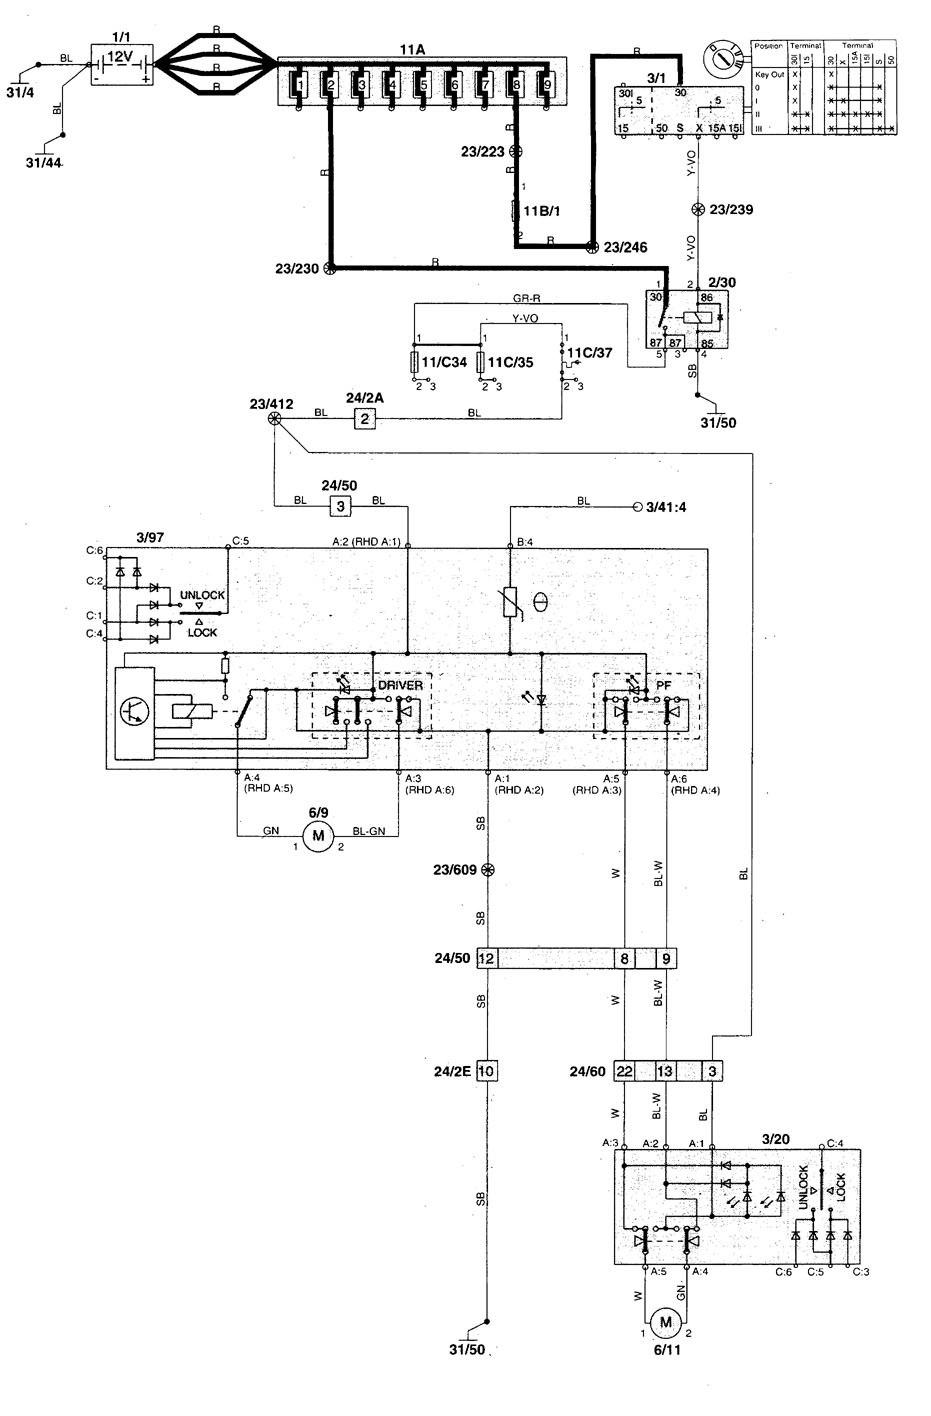 hight resolution of volvo v70 window wiring diagram data wiring diagramvolvo v70 window wiring diagram simple wiring diagram volvo